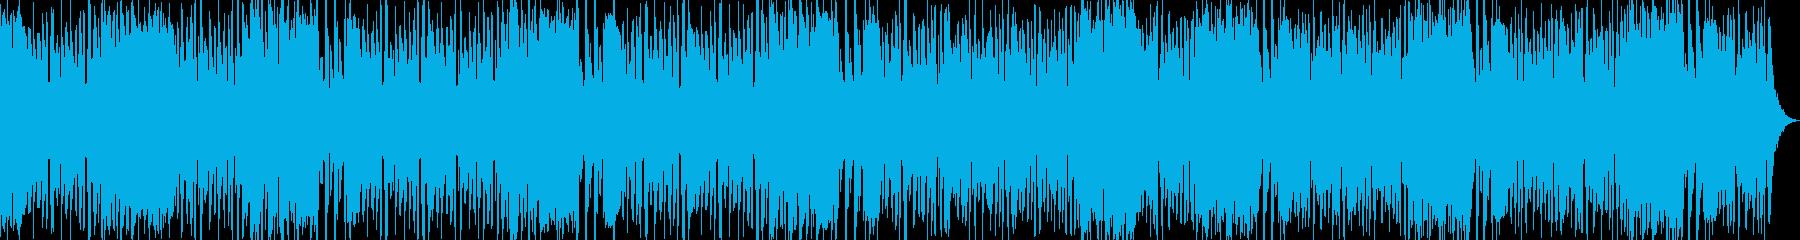 サックスセクションロカビリーのんの再生済みの波形